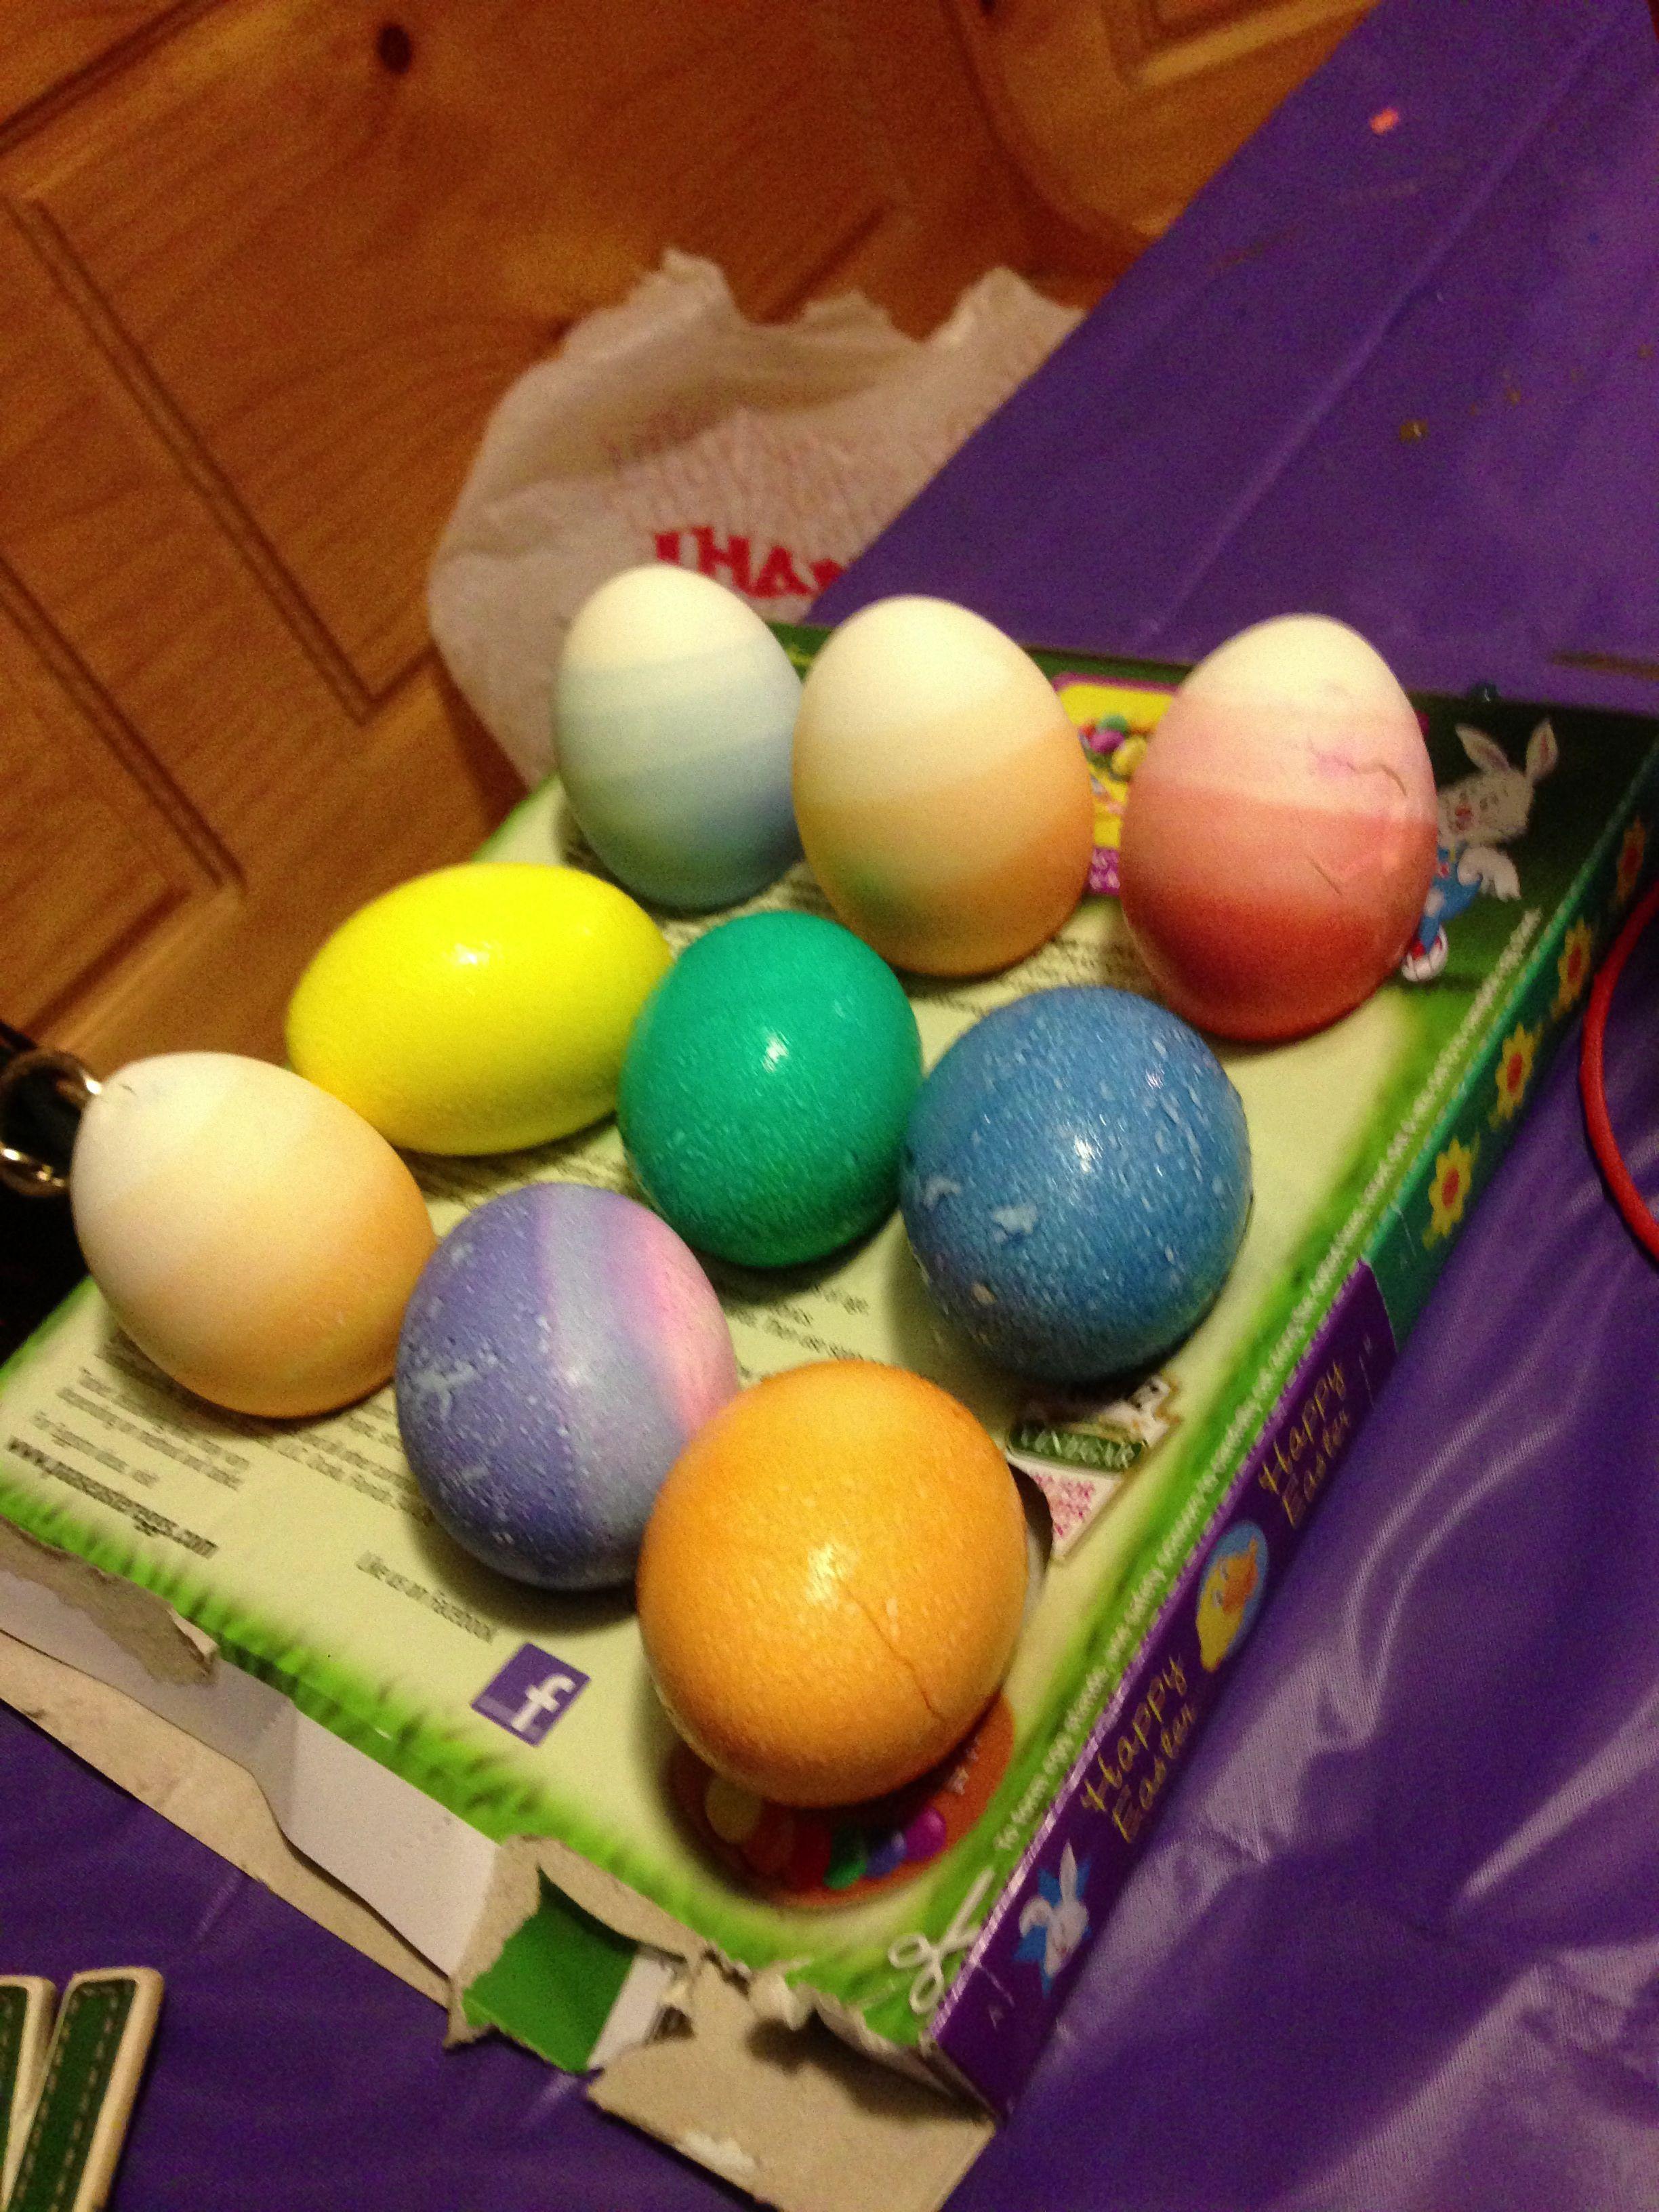 Ombré & Galaxy Eggs Eggs, Creation, Food